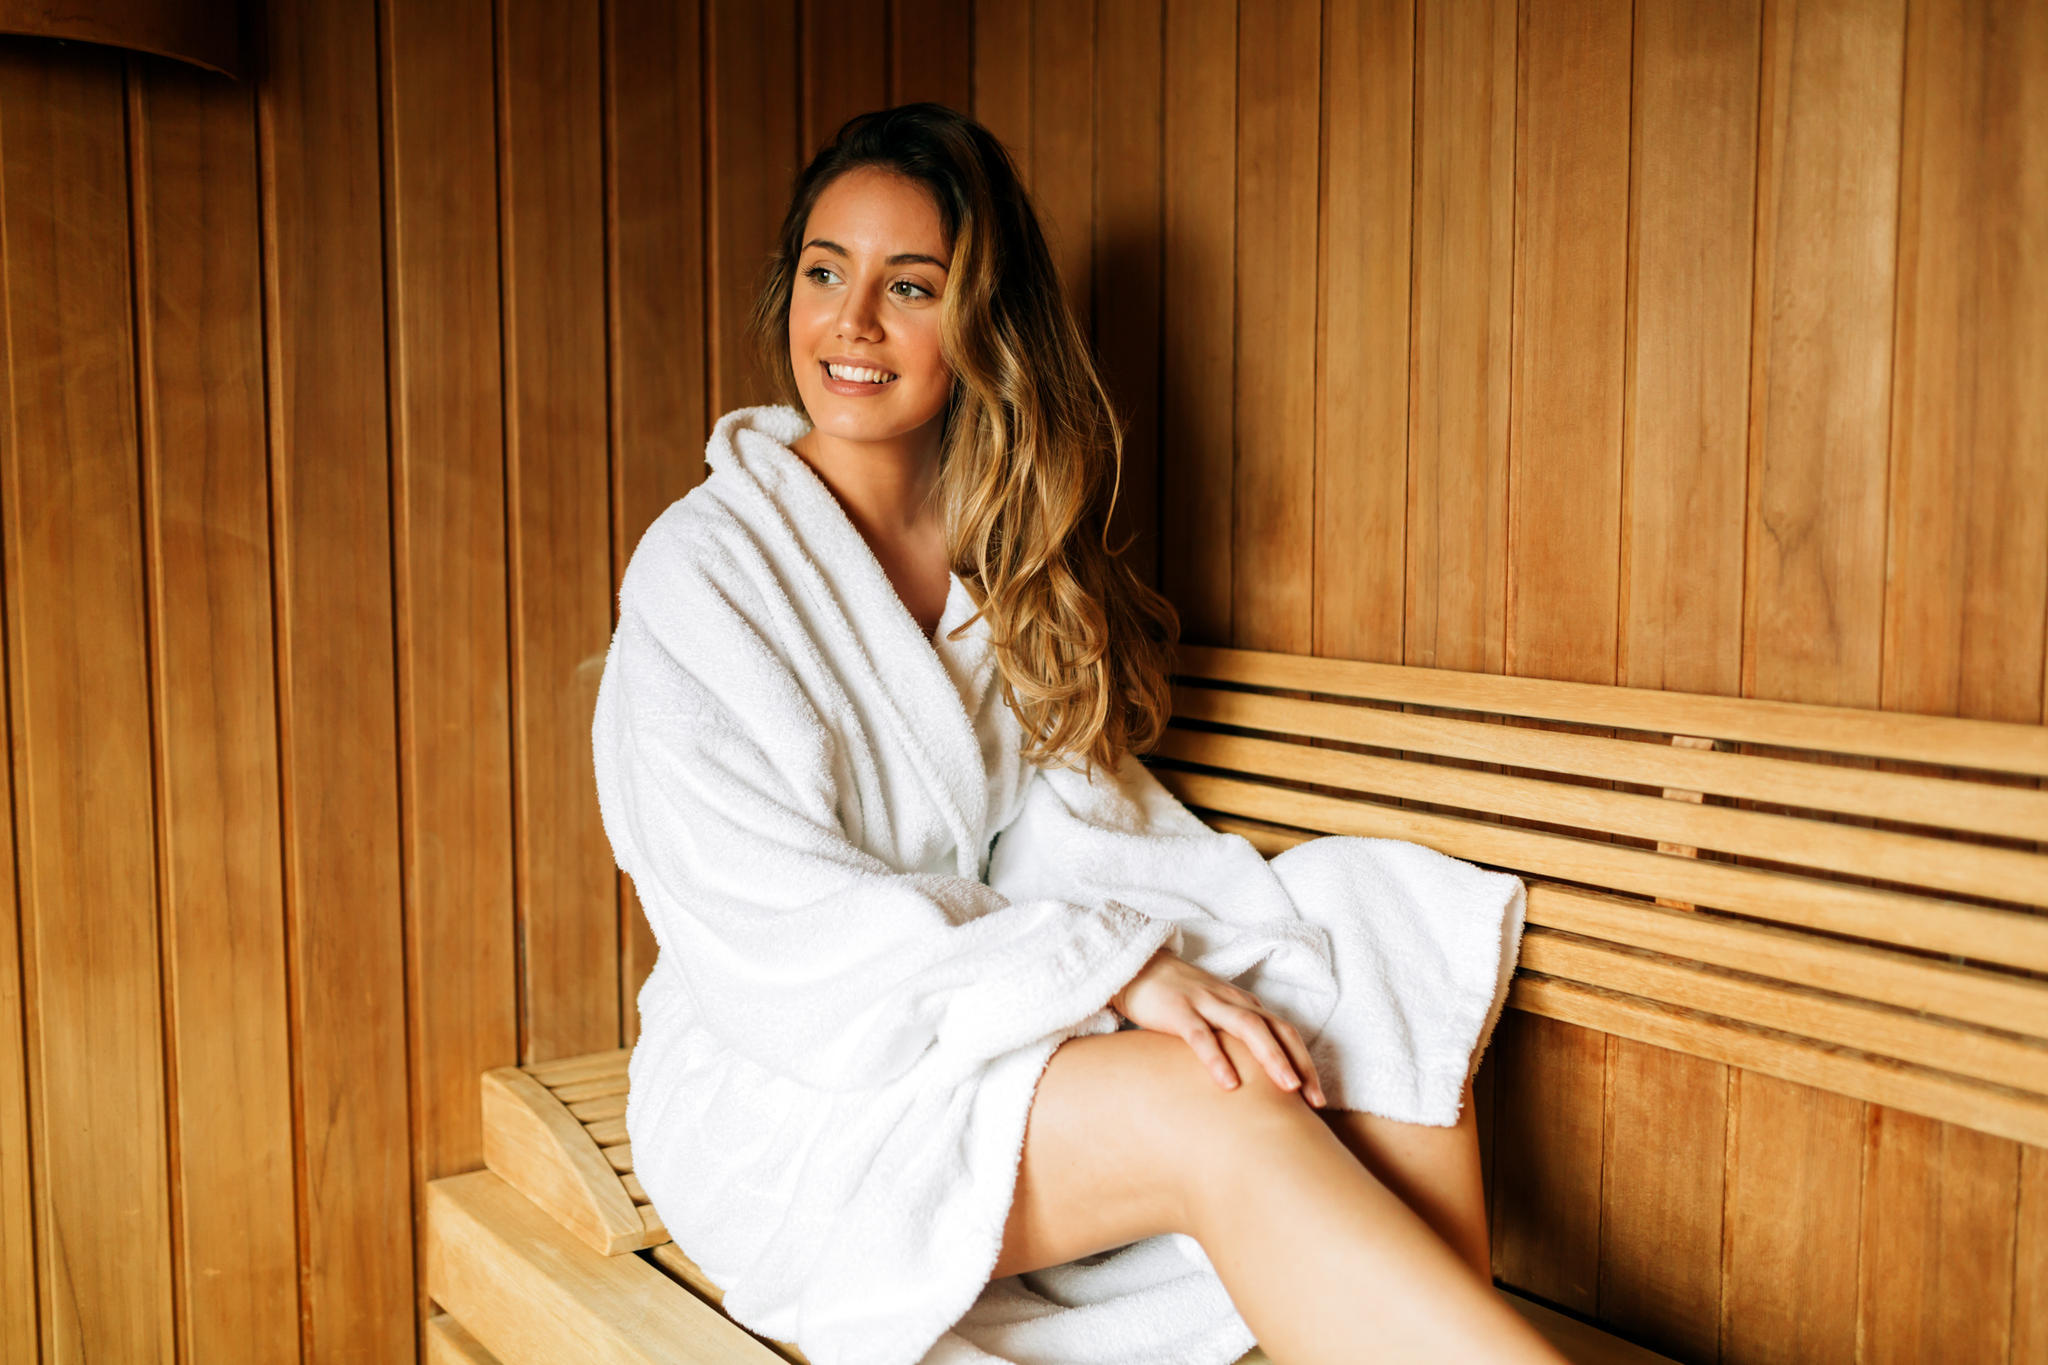 So richtig ins Schwitzen kommen - das funktioniert in der Sauna. Und gibt negativen Gedanken und Stress keinen Raum.